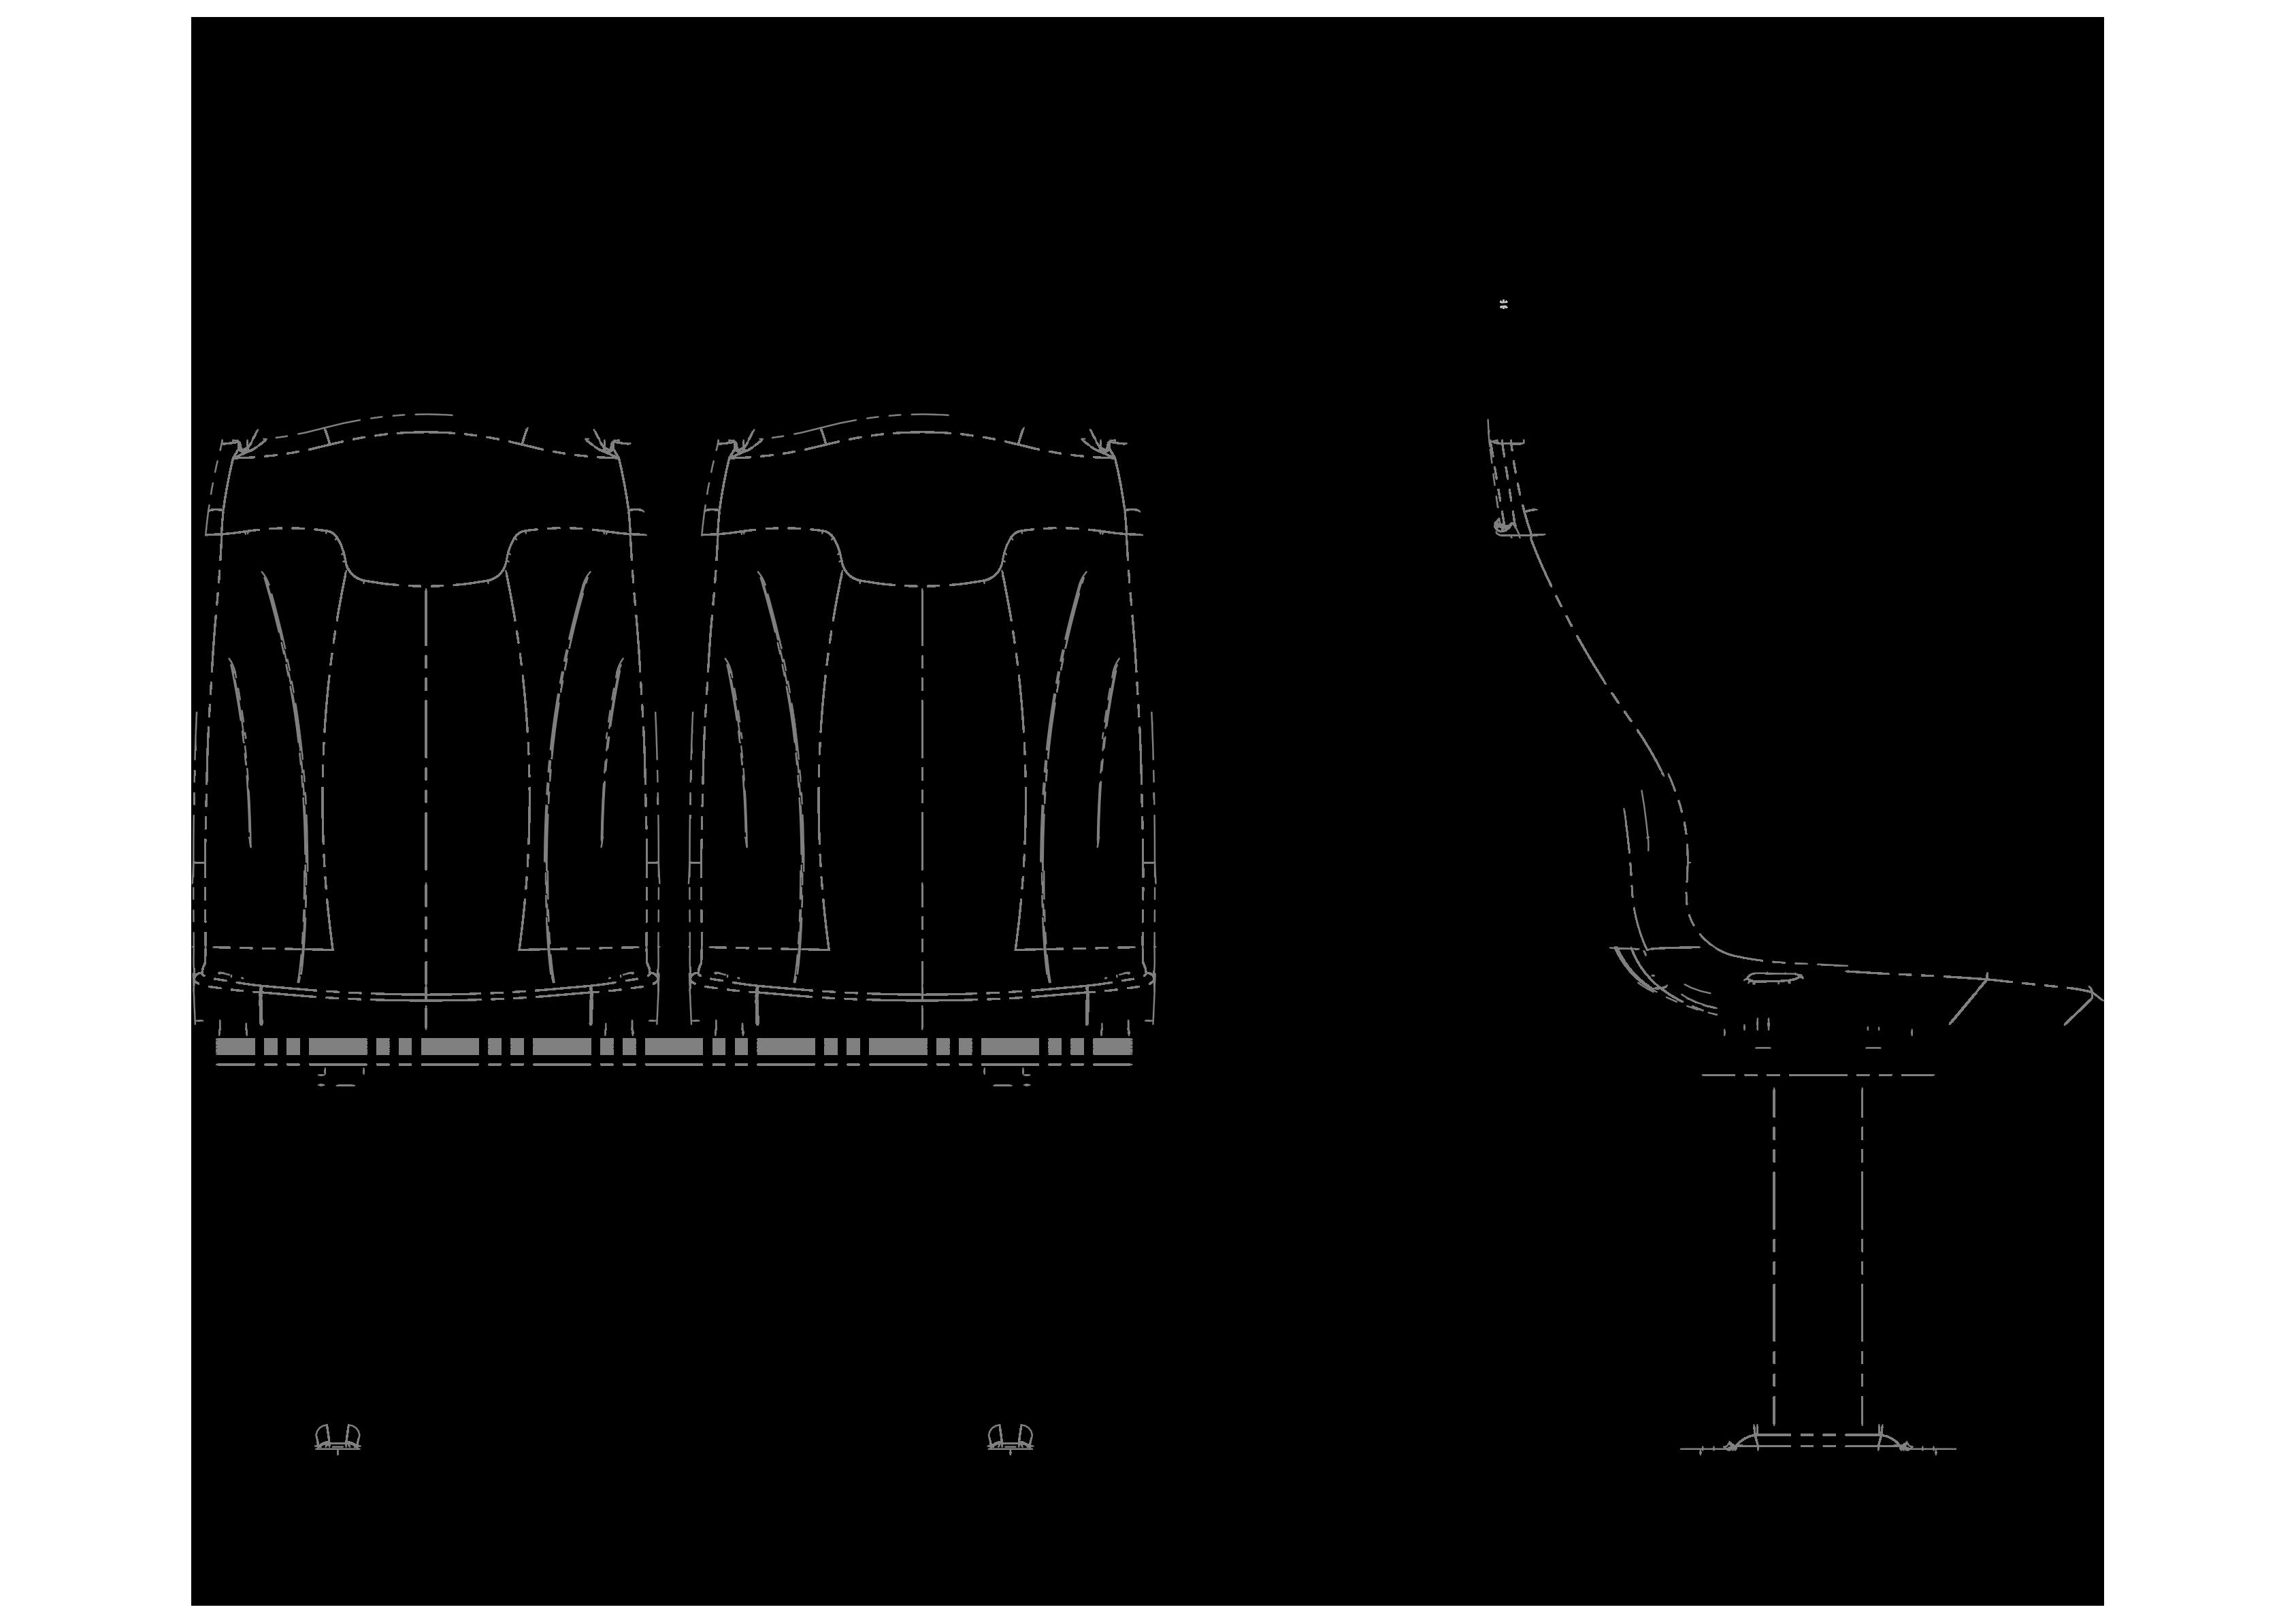 GS 149 teknik çizimi